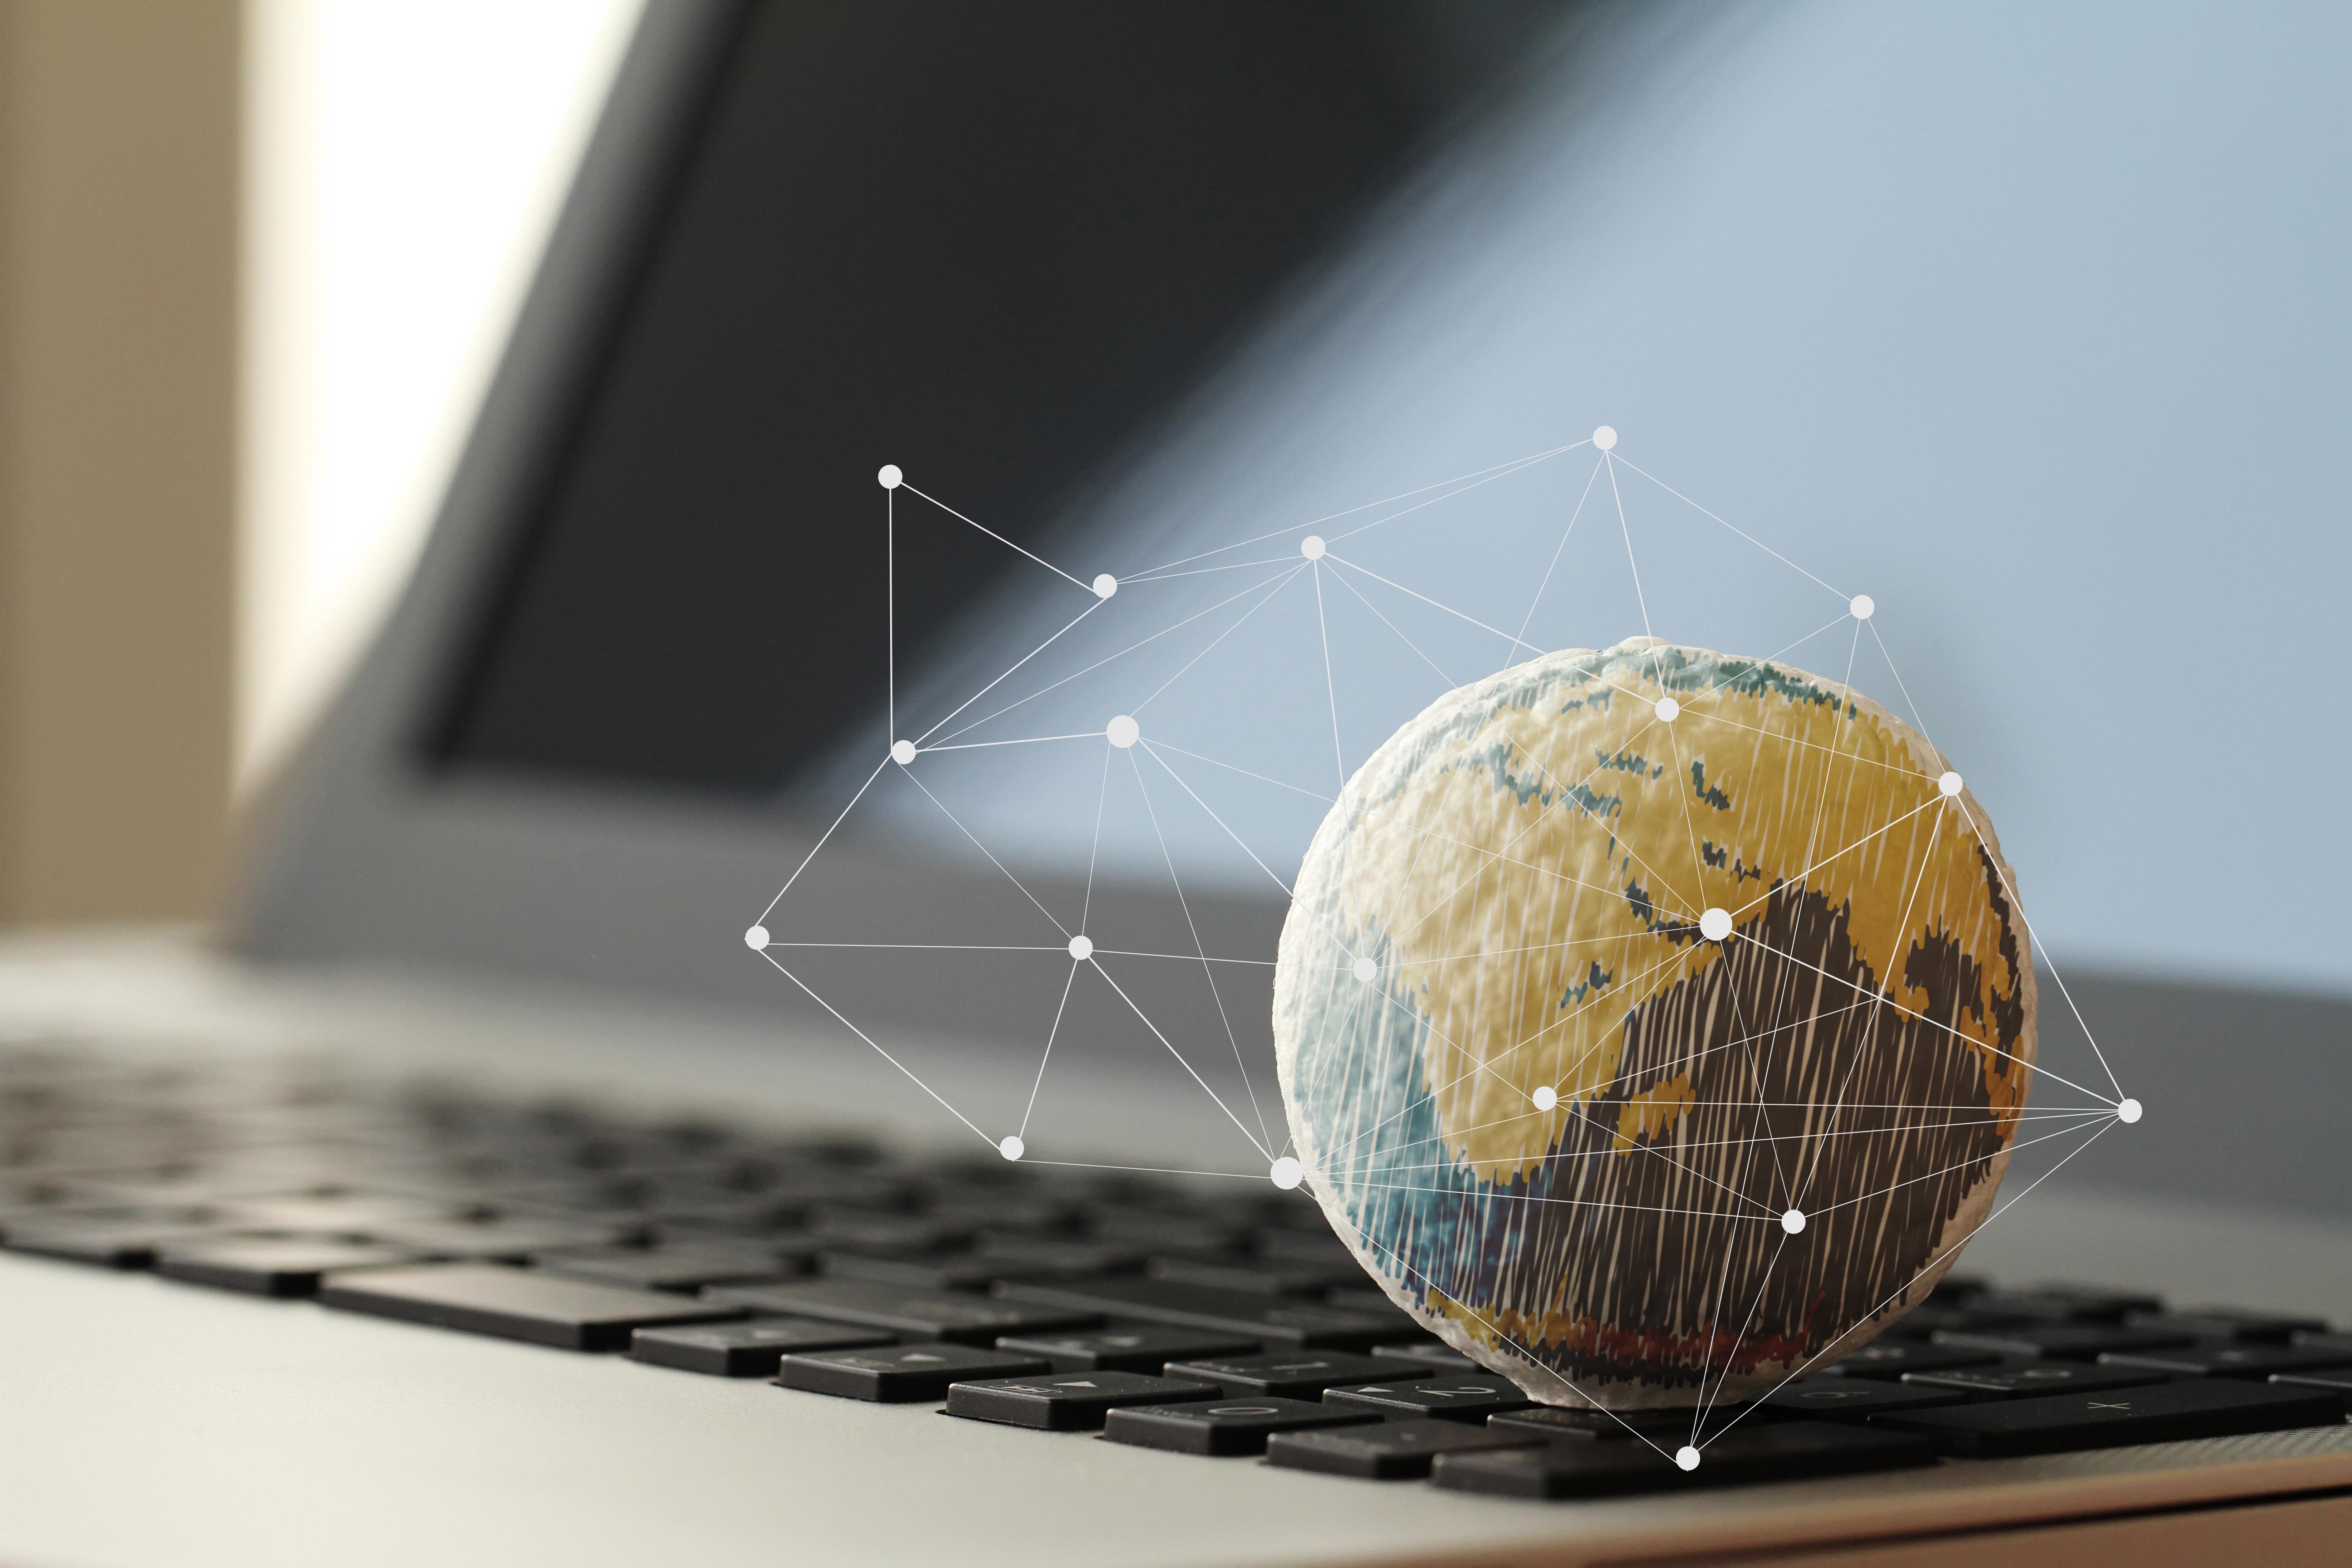 178 Тбит/с - новый мировой рекорд скорости интернета